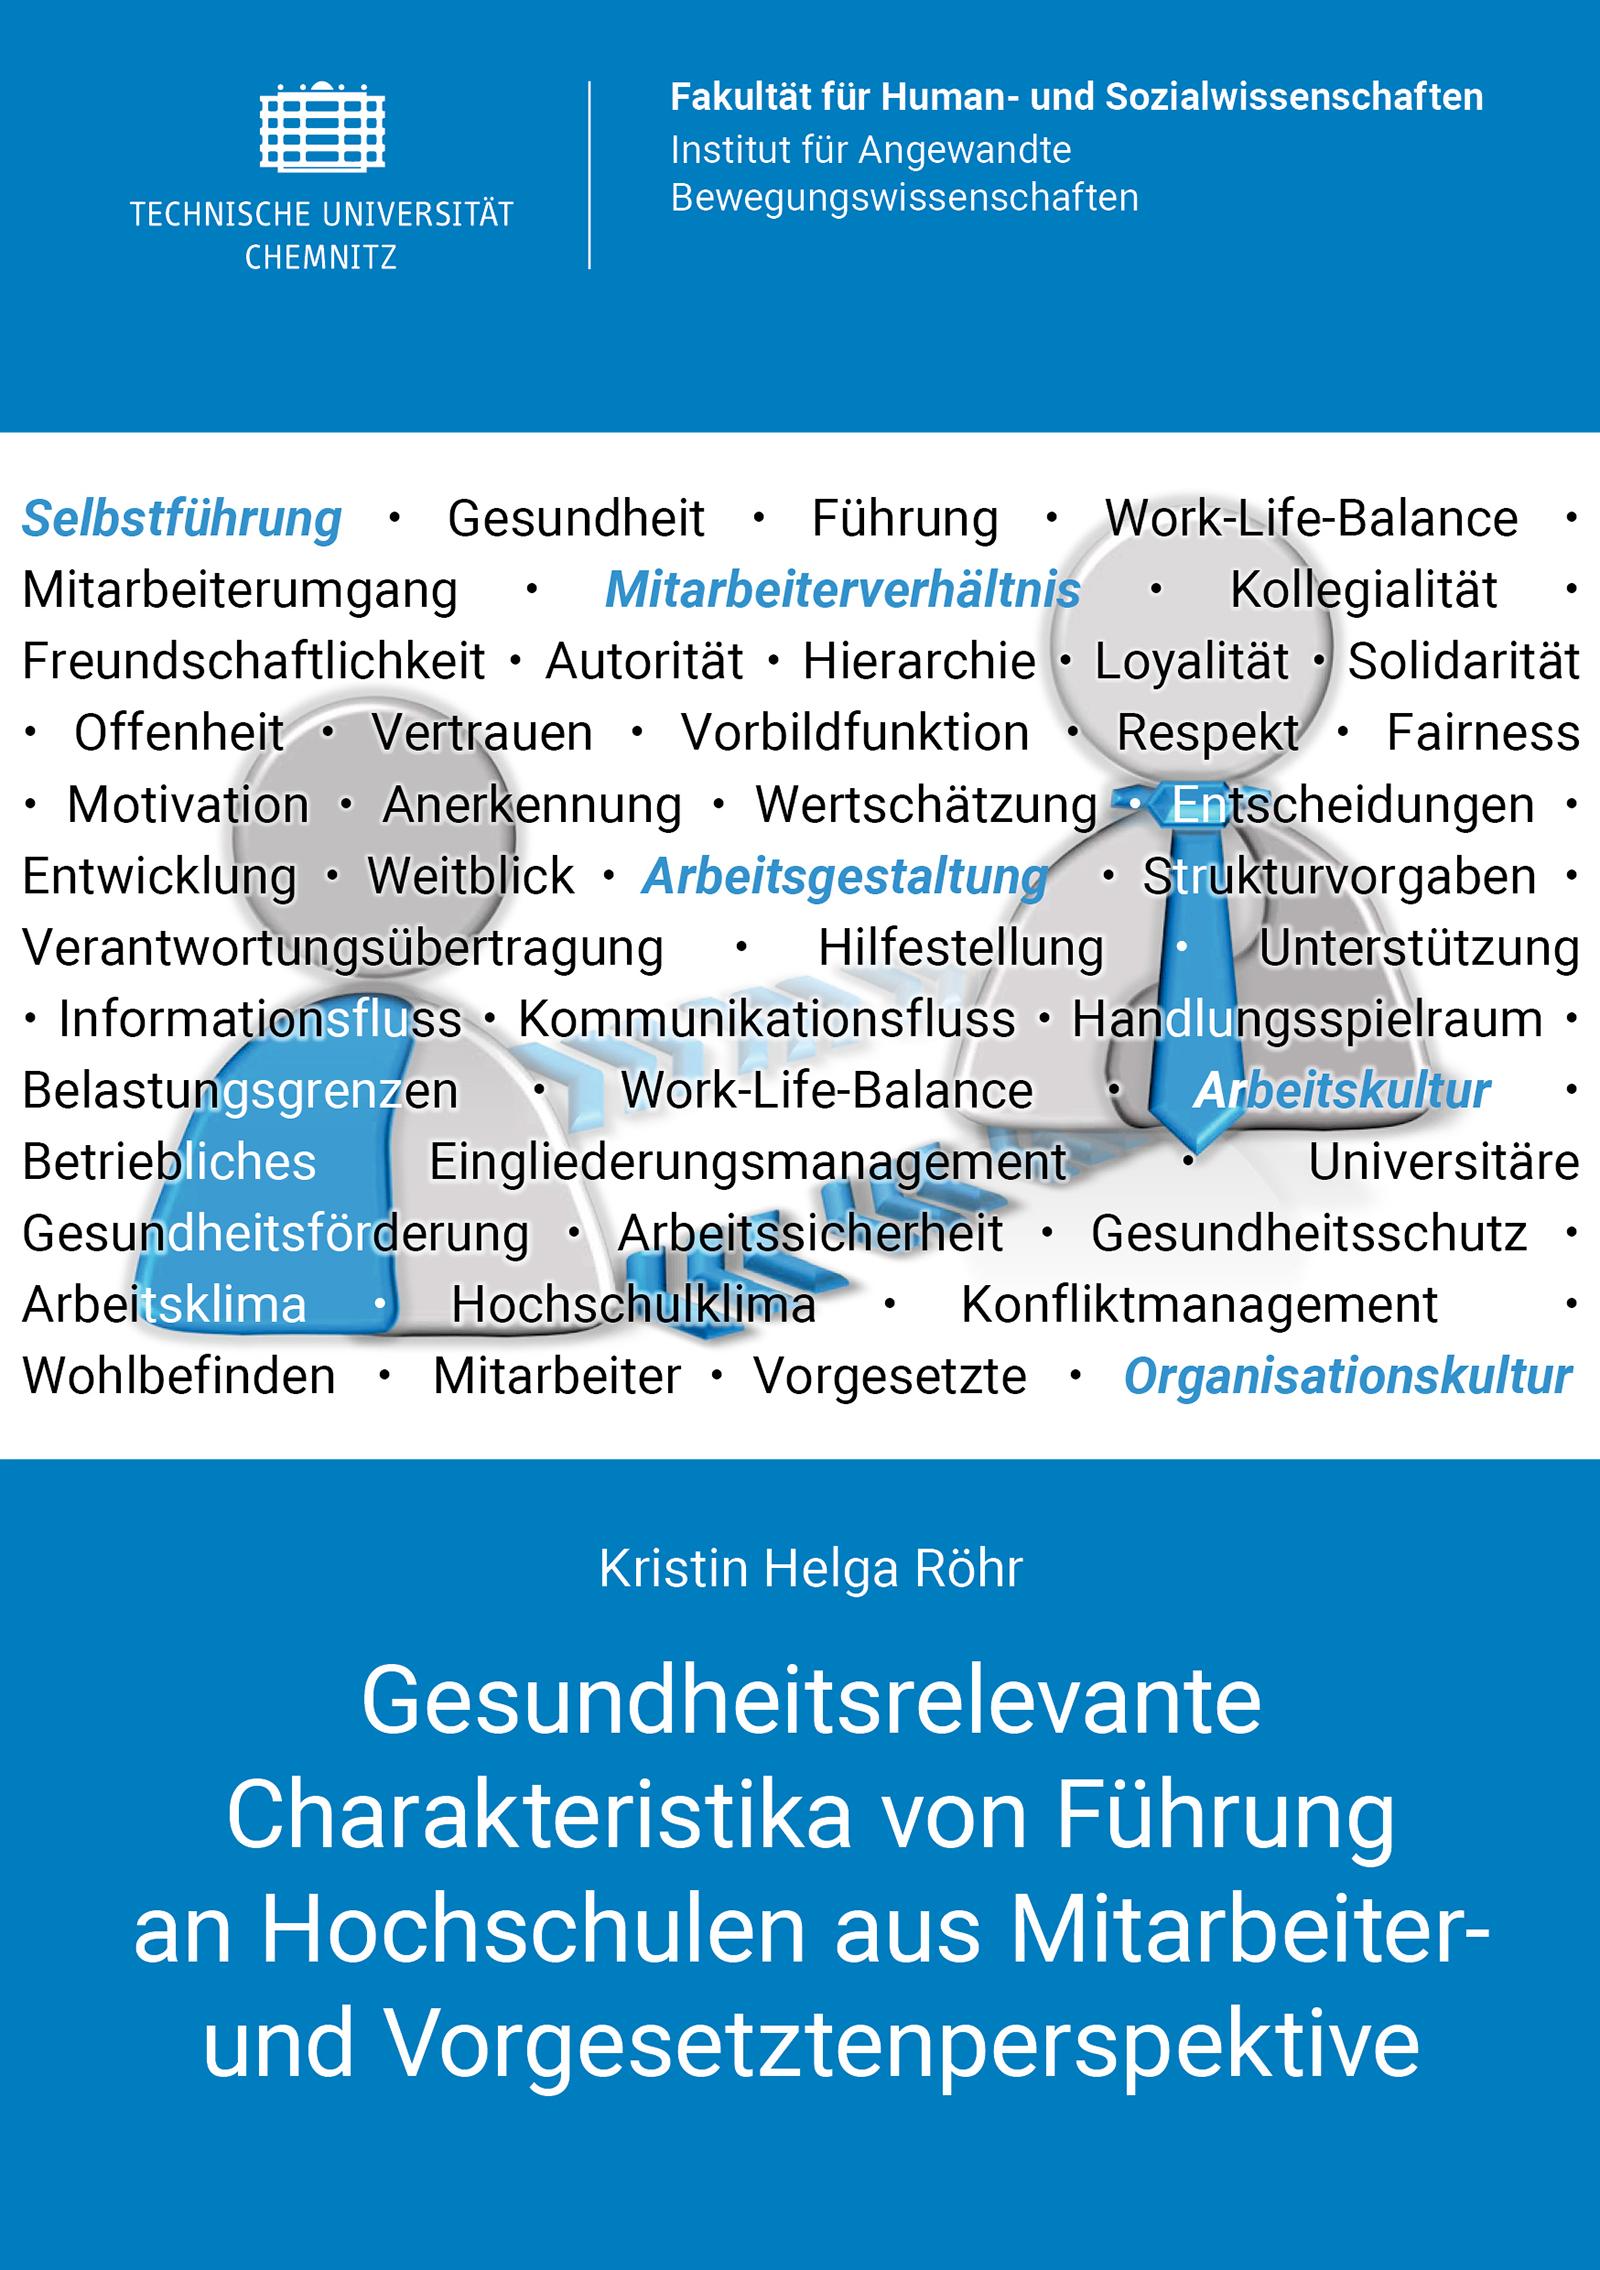 Cover: Gesundheitsrelevante Charakteristika von Führung an Hochschulen aus Mitarbeiter- und Vorgesetztenperspektive : Eine Untersuchung des wissenschaftlichen und nicht-wissenschaftlichen Personals am Fallbeispiel einer Technischen Universität